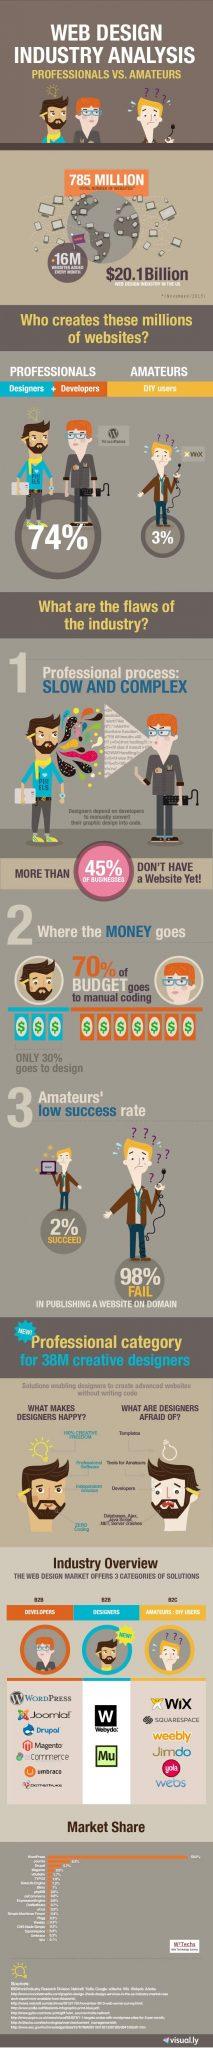 Web Designers - Professionals Vs Amateurs